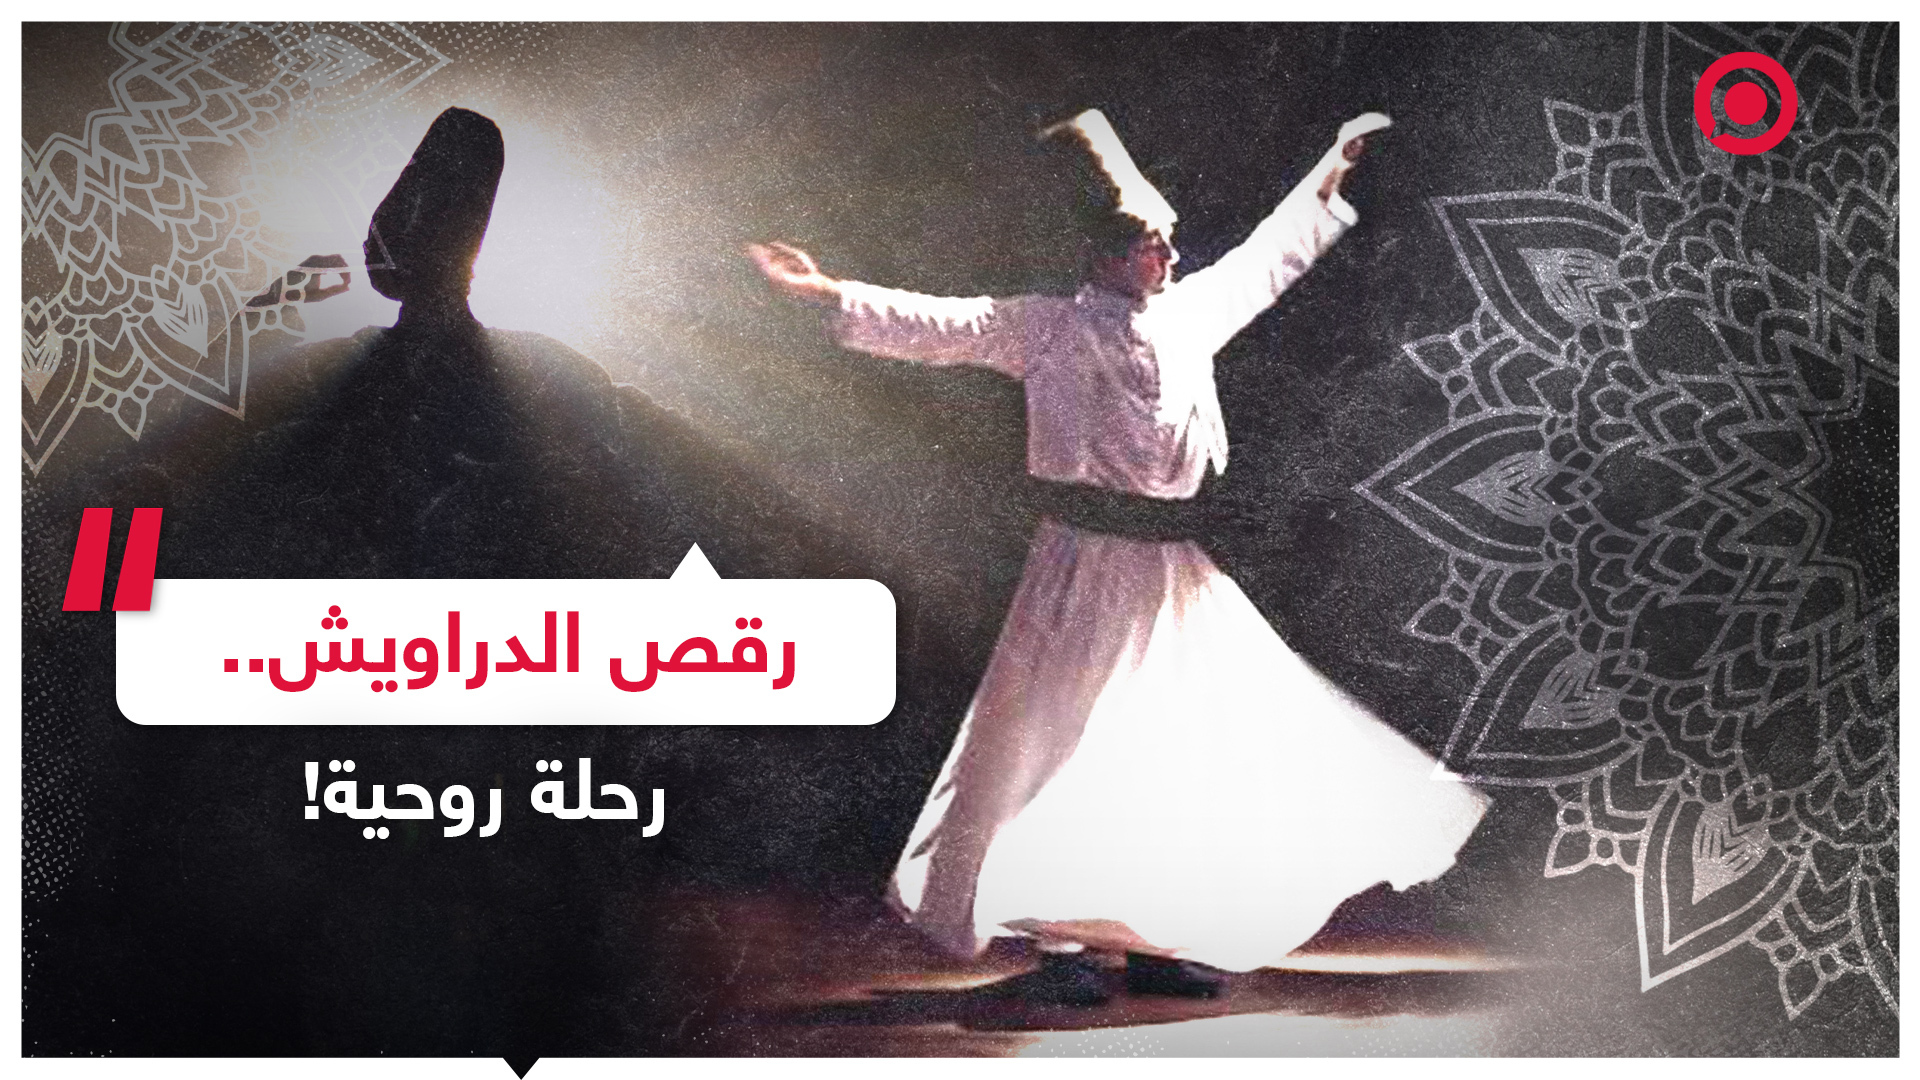 الرقص الصوفي أو المولوية!